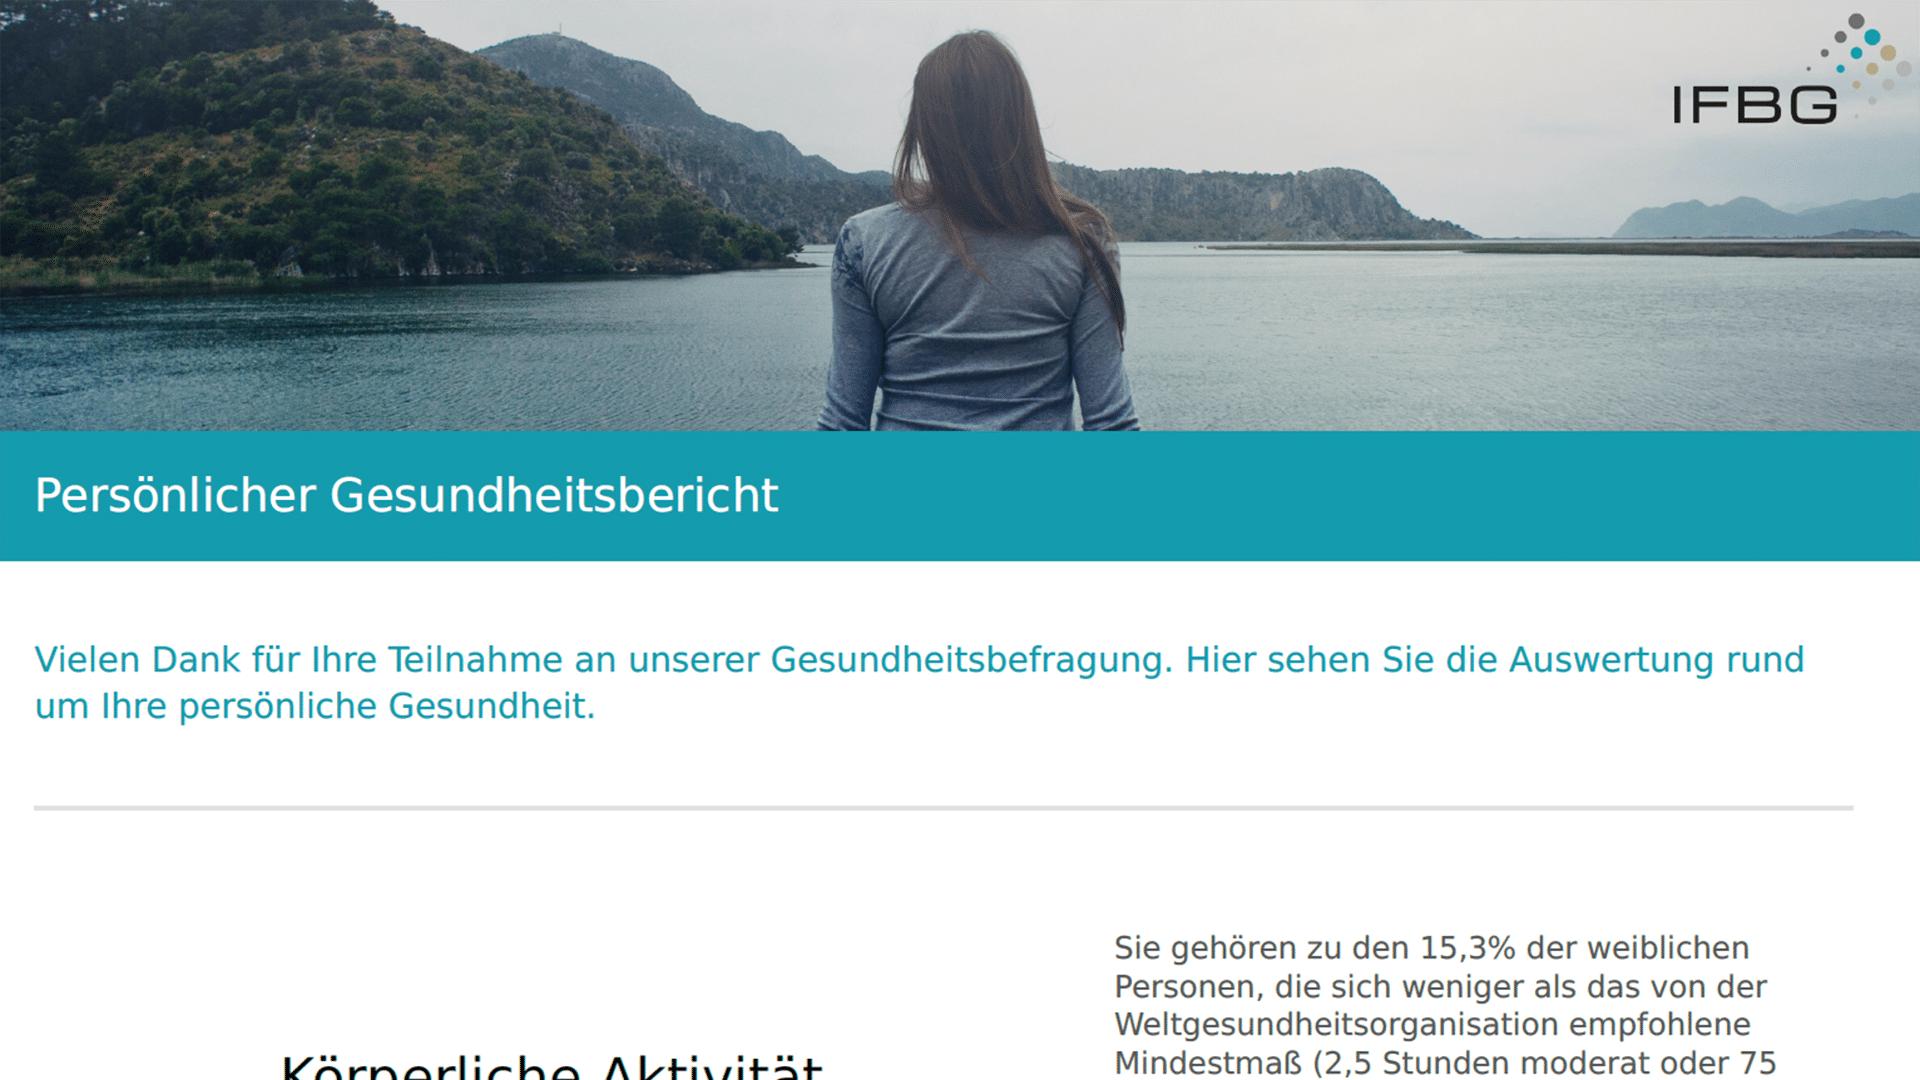 Ein Screenshot des Live-Health-Report des IFBG. Oben ist eine Frau mit braunen Haaren und einem grauen T-Shirt, die entspannt auf einem Steg sitzt und auf ein Gewässer schaut. Drunter ist die Überschrift sowie ein größer Textblock.